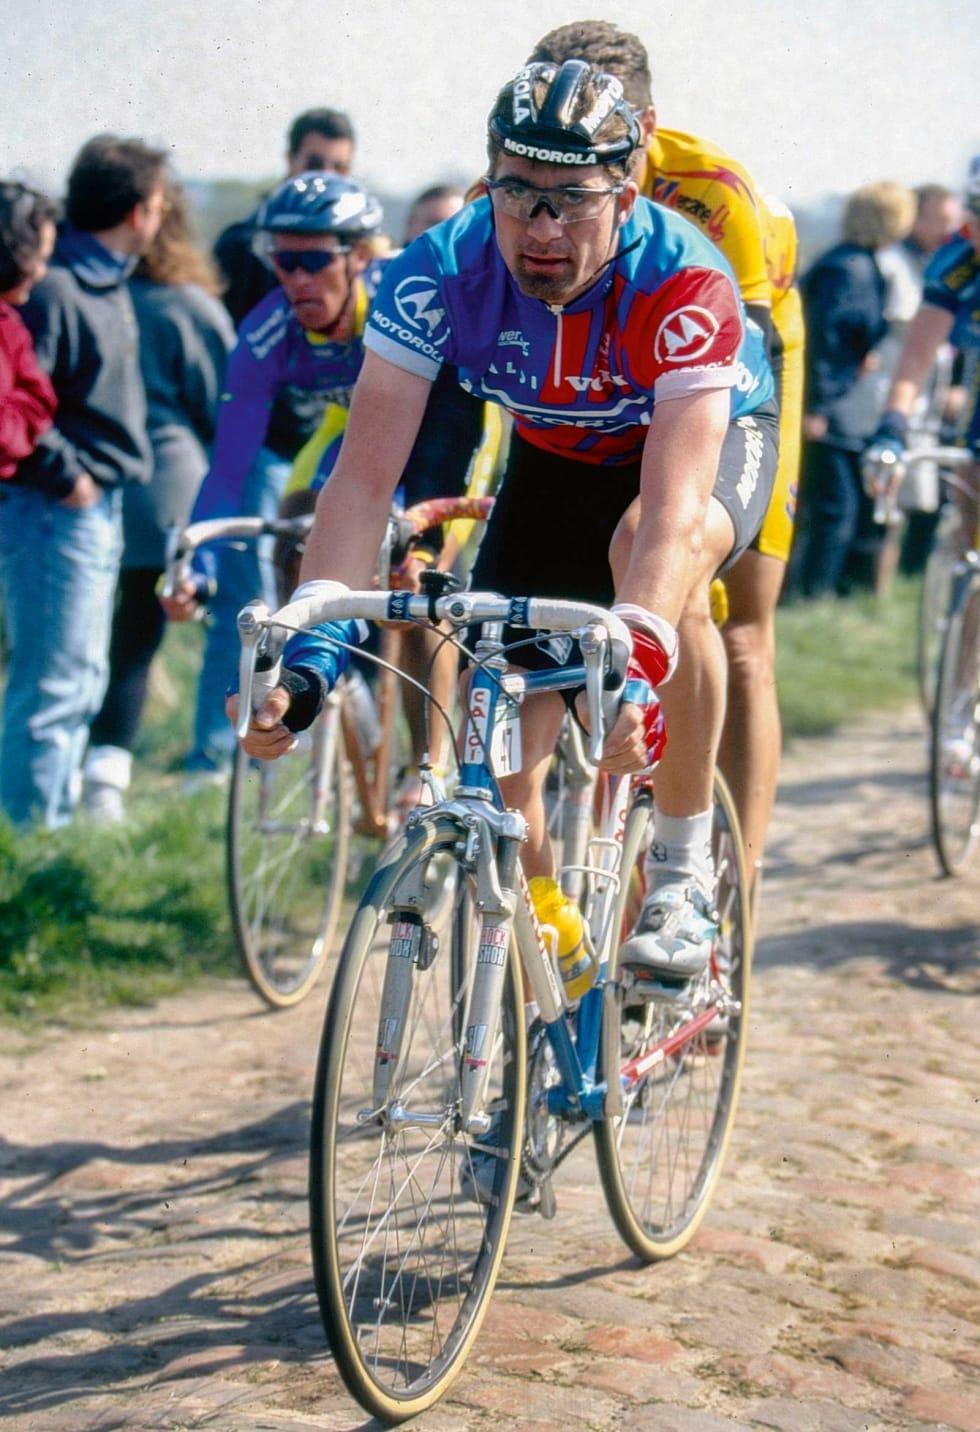 OUTSIDER: Bjørn Stenersen var sjanseløs mot konkurrentene i ritt, tross talentet. Stenersen ville ikke ta doping selv. Her fra 95-utgaven av Paris-Roubaix med dempegaffel.  Foto: Cor Vos.